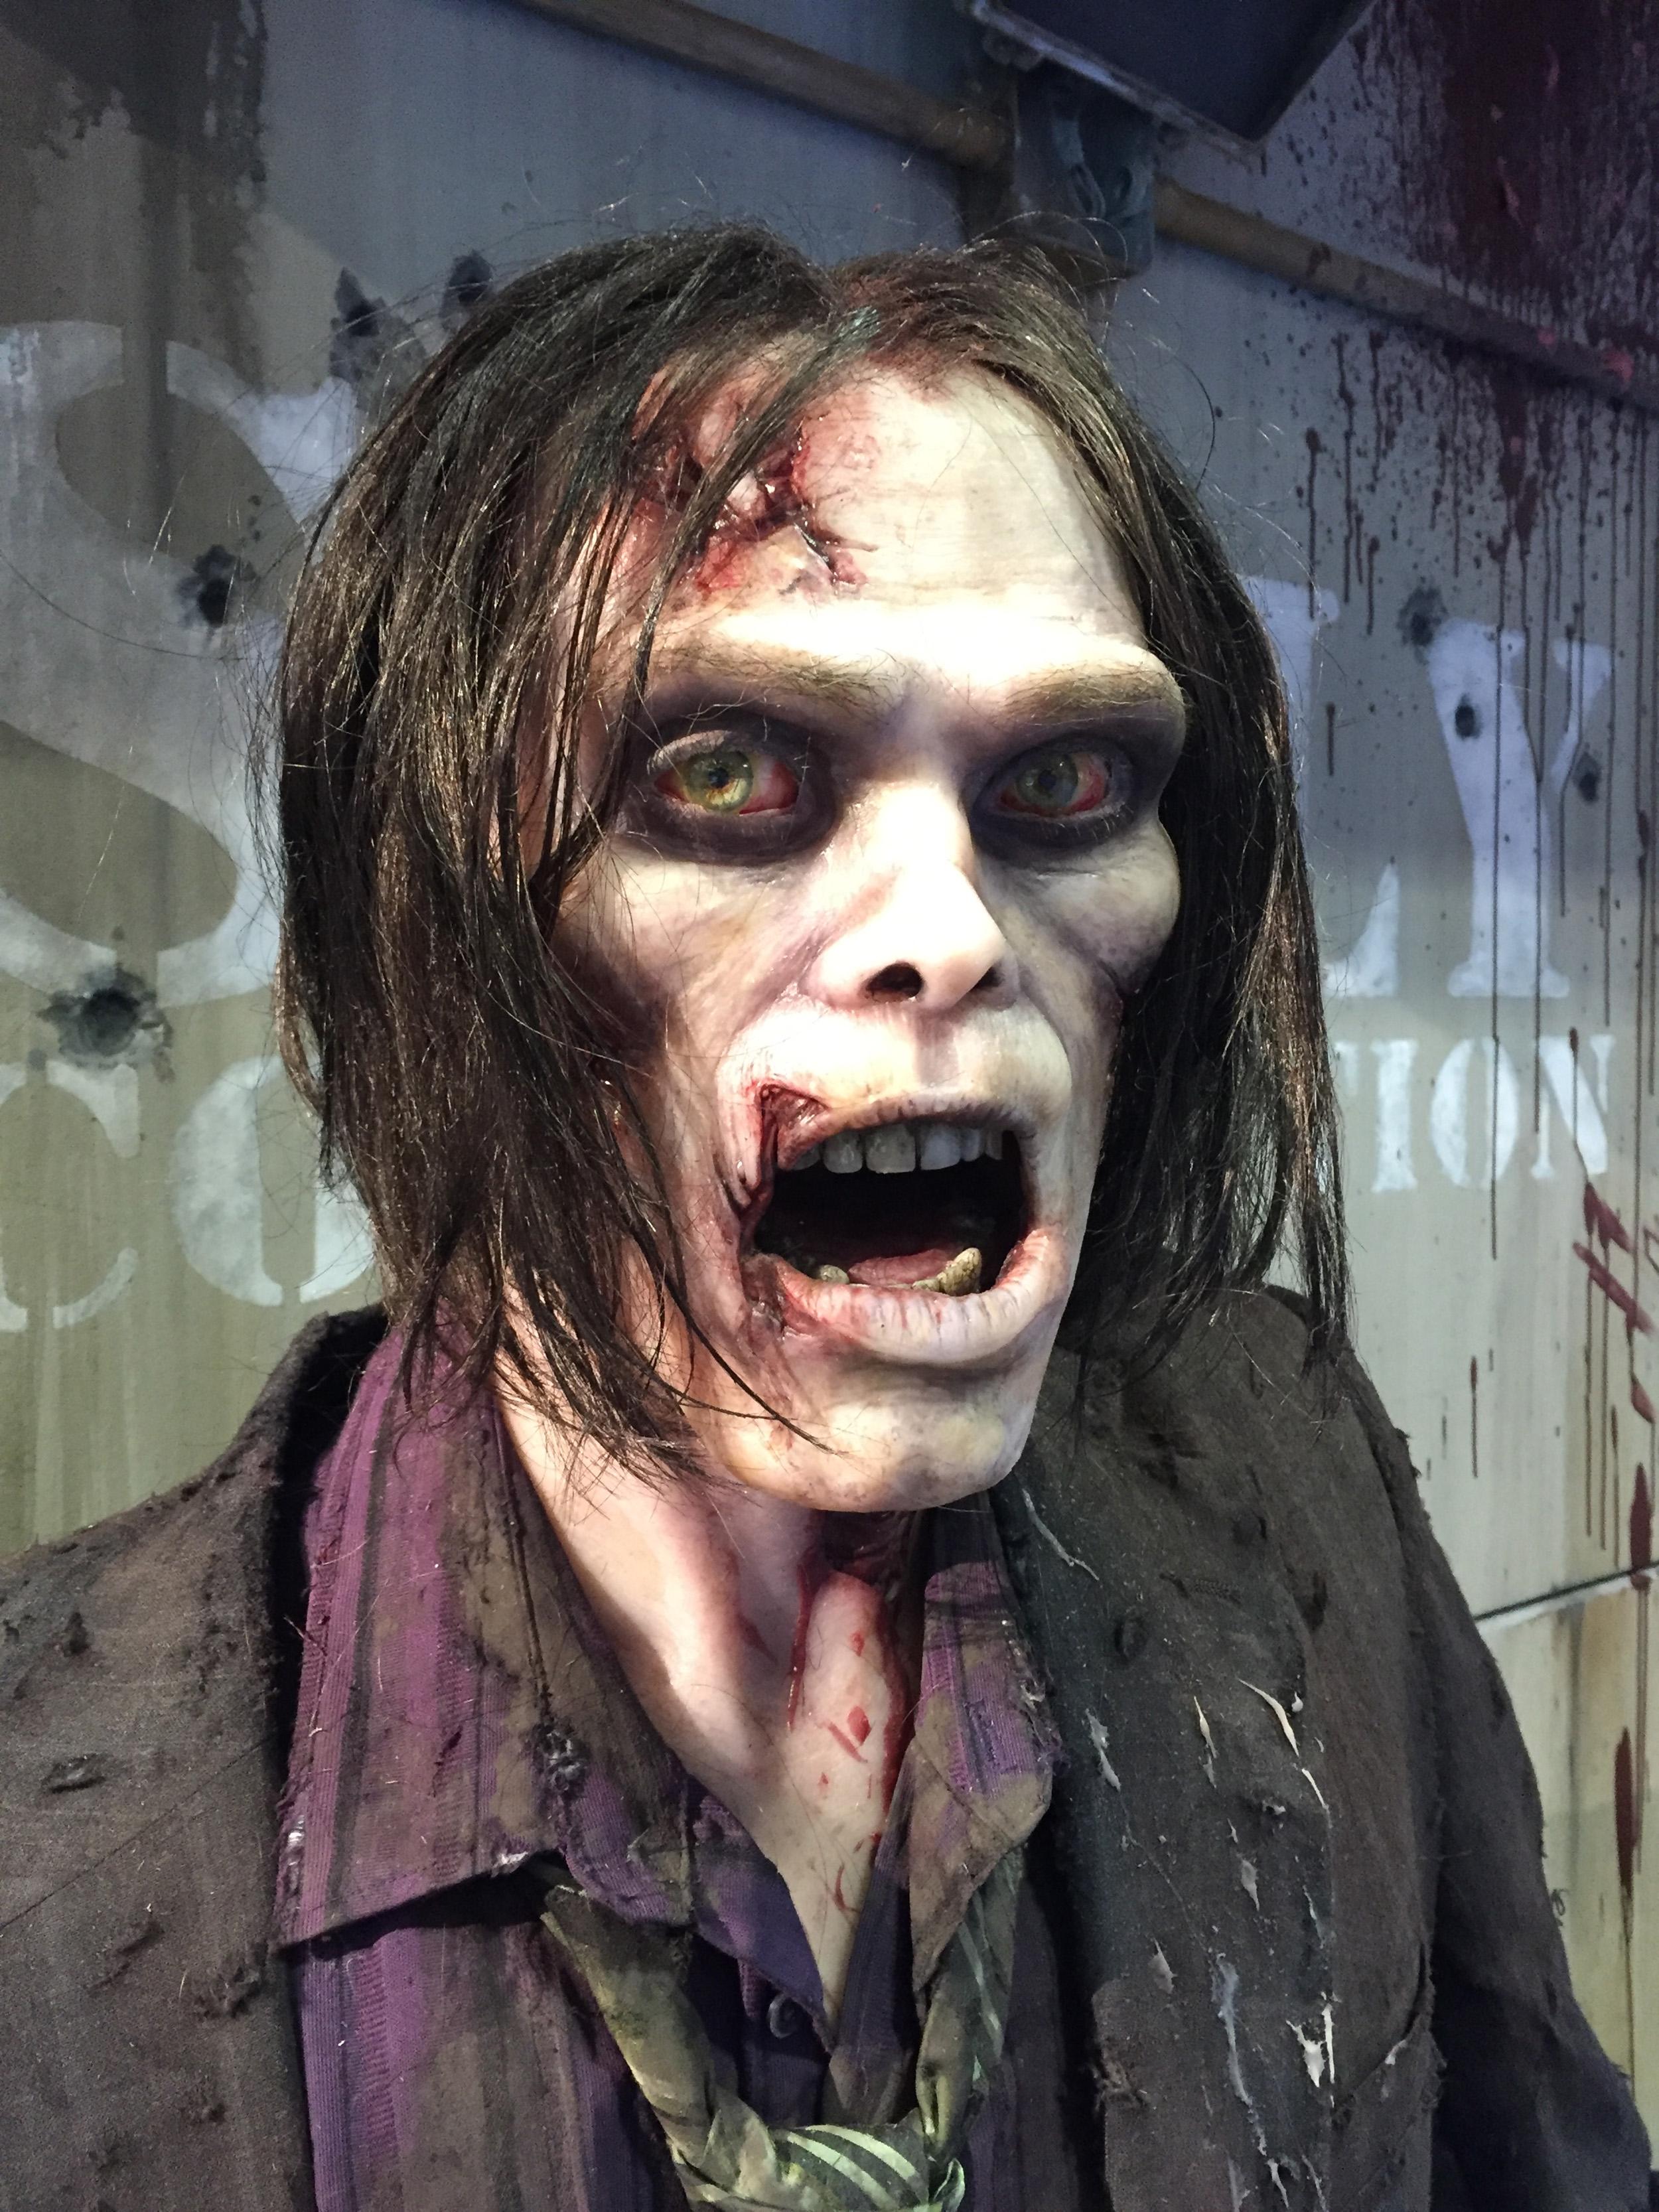 Walker from AMC's The Walking Dead